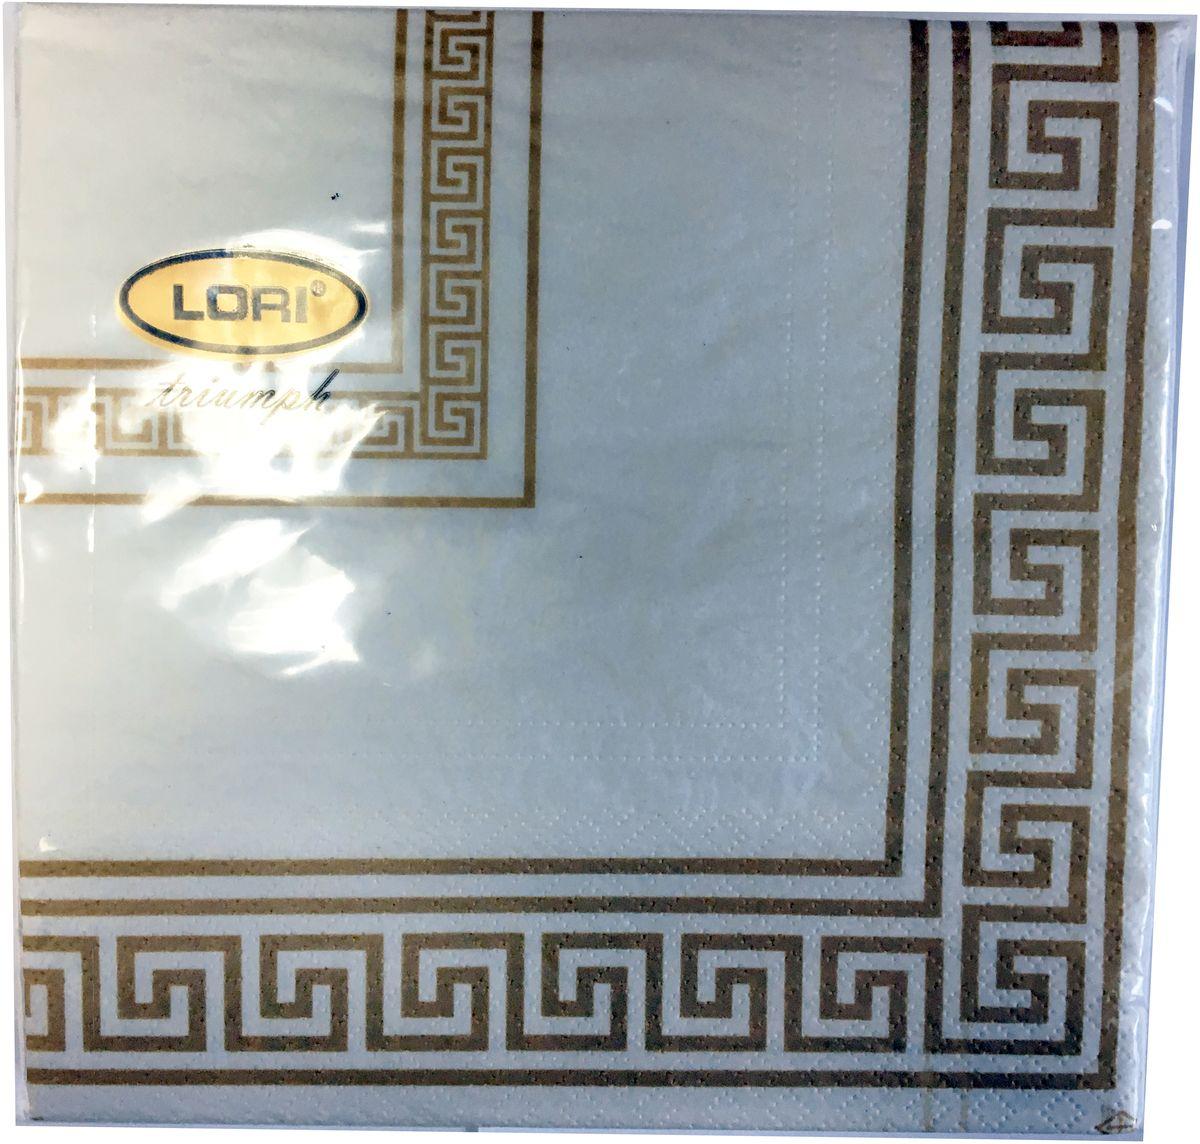 Салфетки бумажные Lori Triumph, трехслойные, цвет: коричневый, белый, 33 х 33 см, 20 шт. 5605856058Декоративные трехслойные салфетки Lori Triumph выполнены из 100% целлюлозы и оформлены ярким рисунком. Изделия станут отличным дополнением любого праздничного стола. Они отличаются необычной мягкостью, прочностью и оригинальностью.Размер салфеток в развернутом виде: 33 х 33 см.